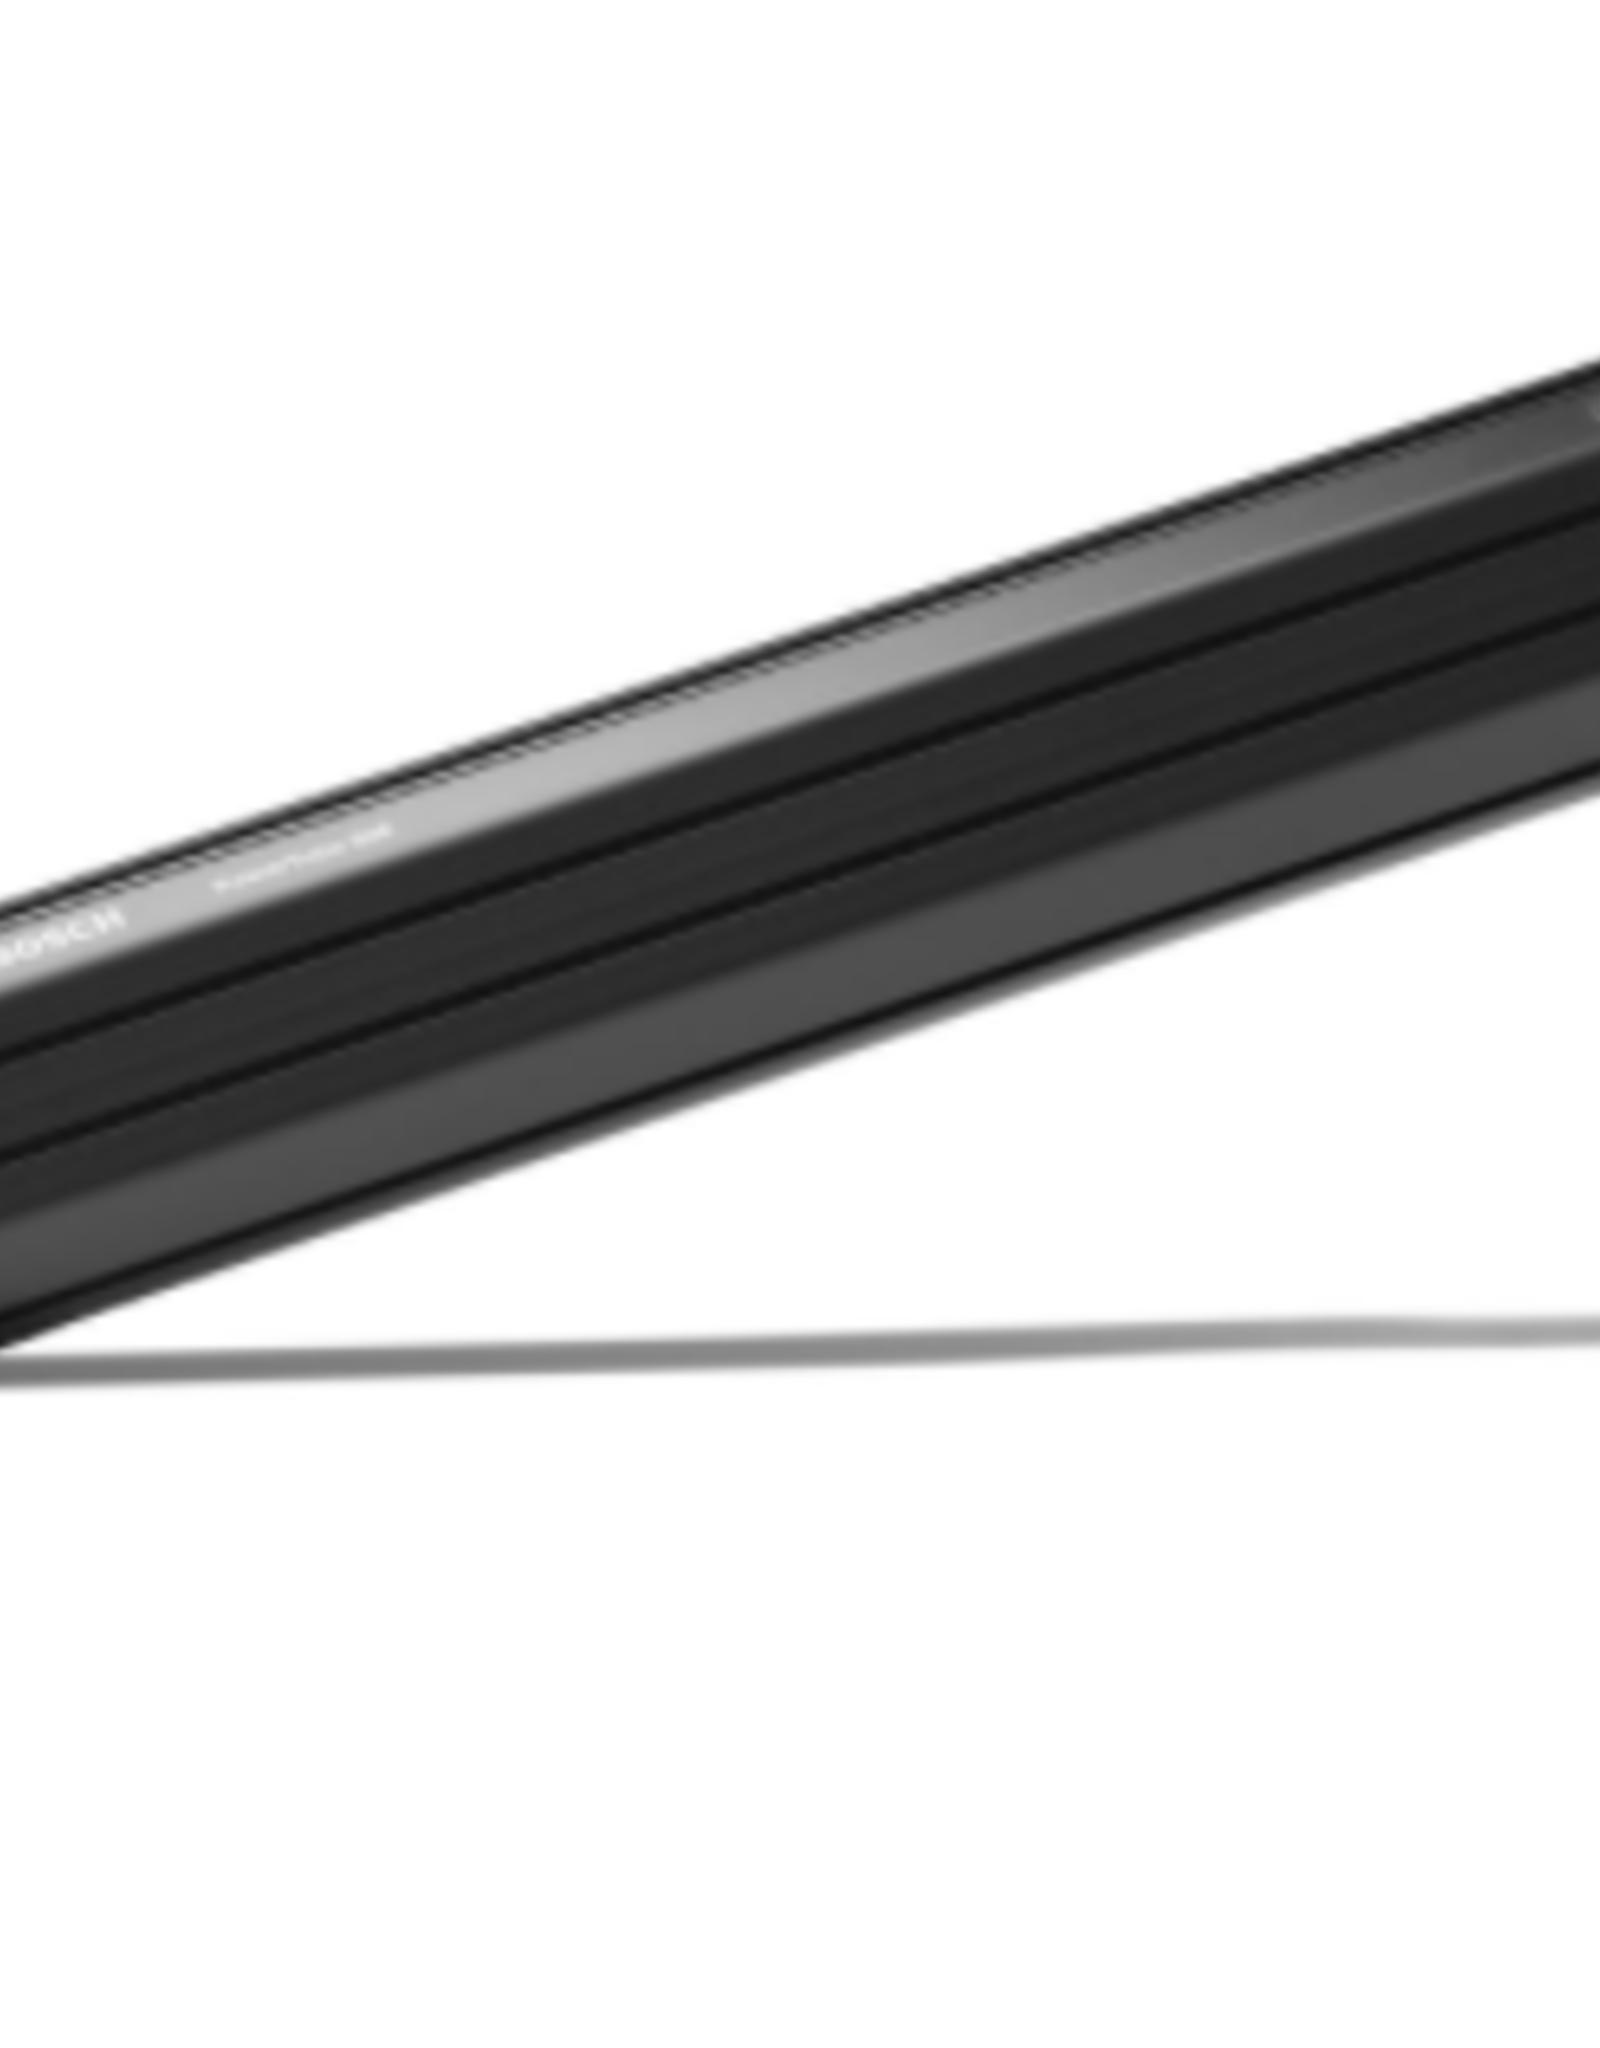 Bosch Bosch PowerTube 400, 400wh Vertical